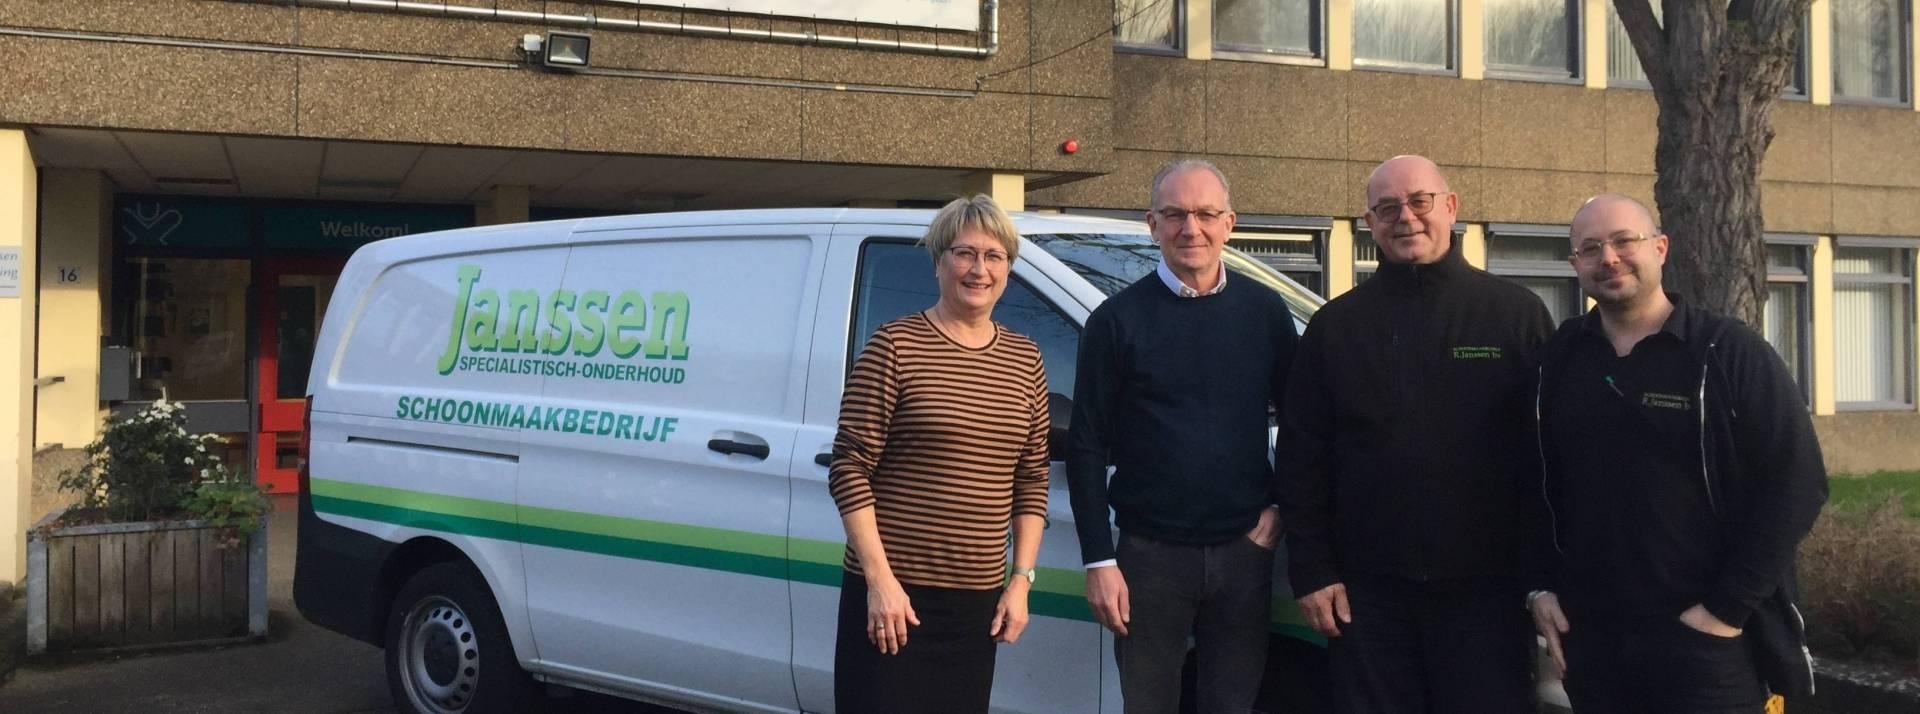 Schoonmaakbedrijf Janssen biedt cheque aan